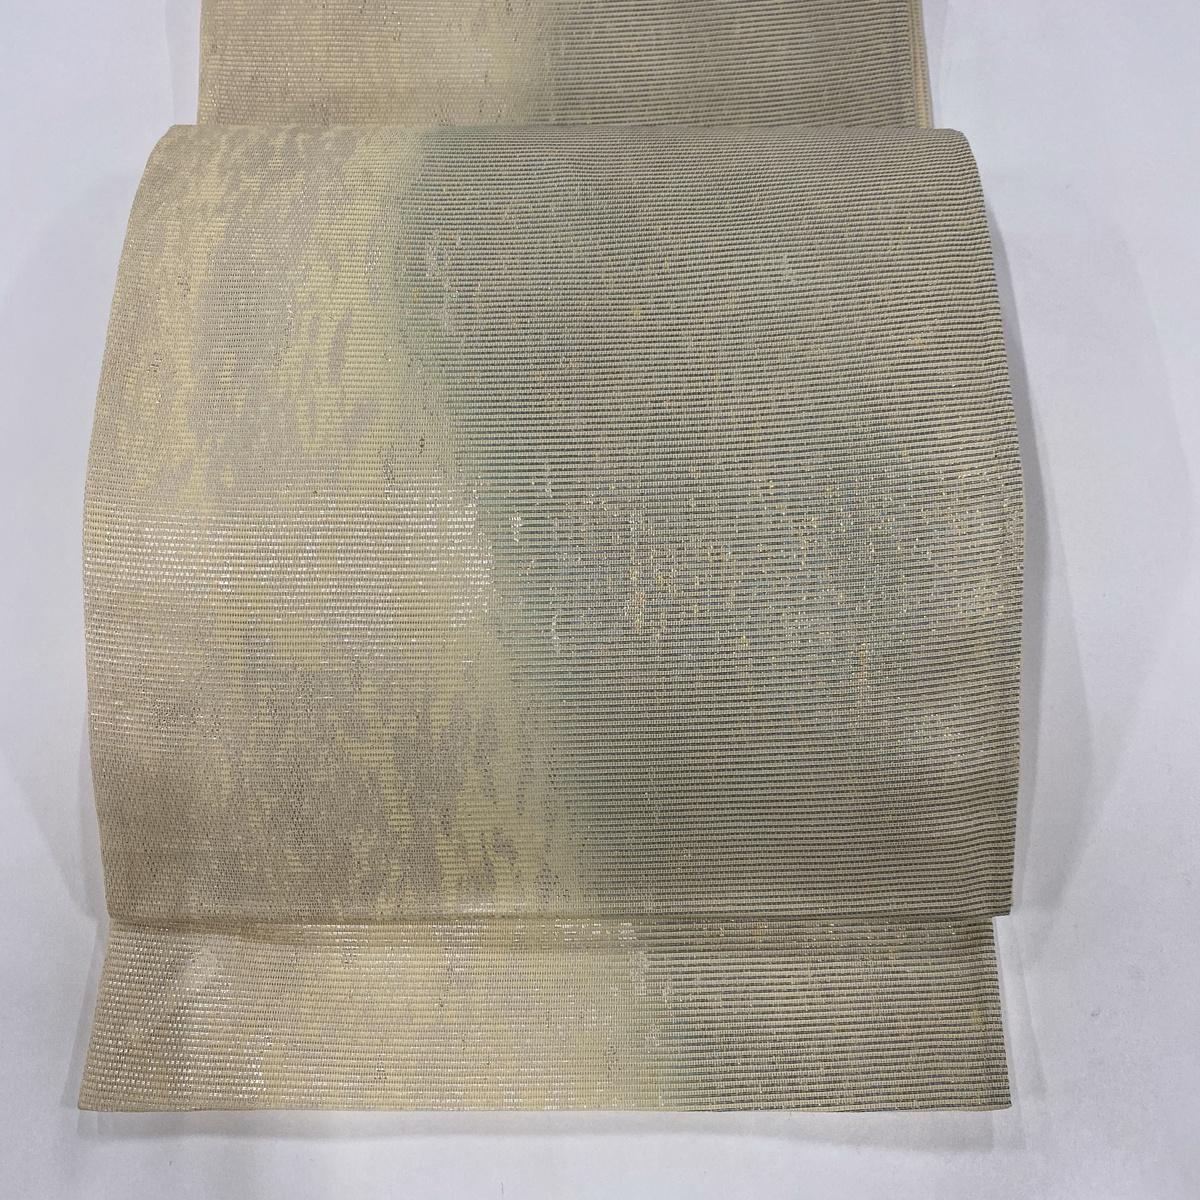 袋帯 美品 秀品 絽 夏帯 幾何学 箔 クリーム 六通 正絹 【中古】